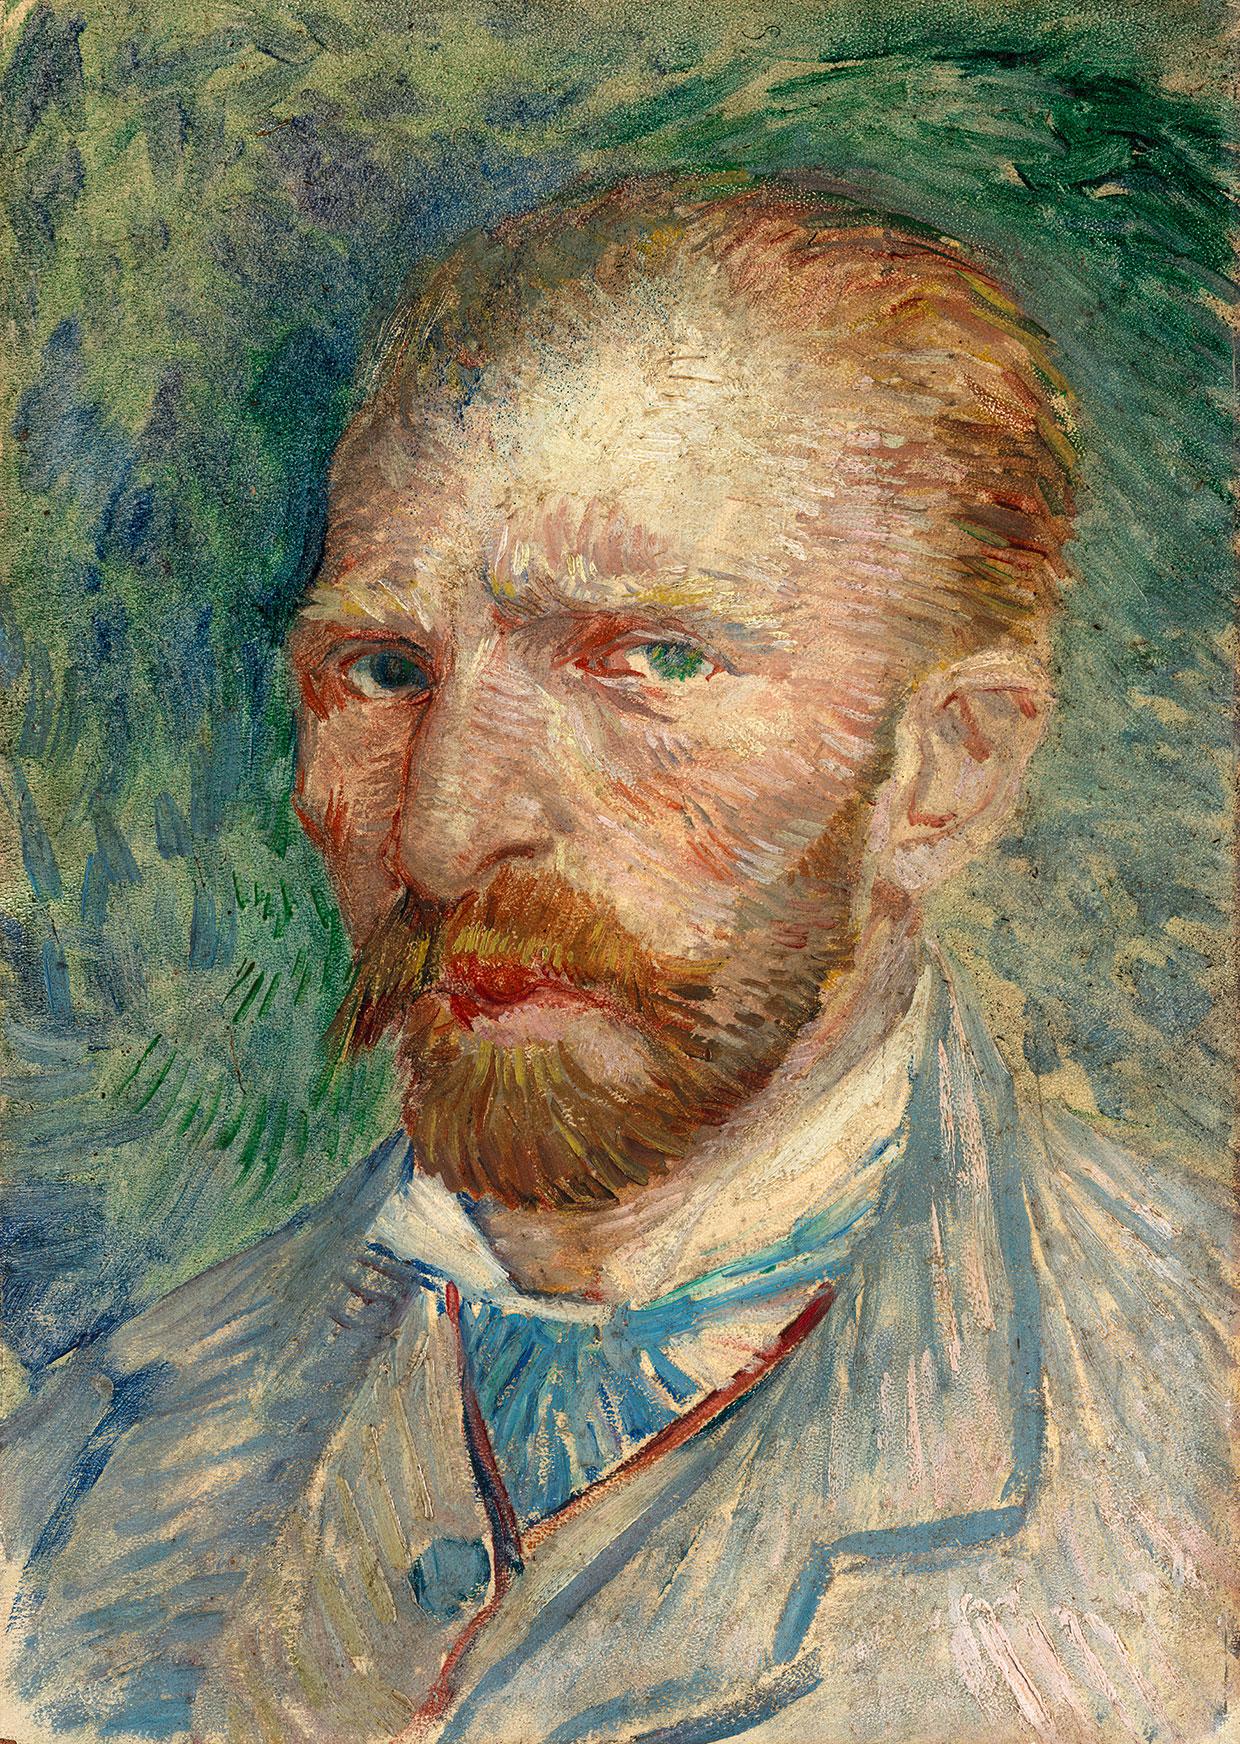 Van Gogh er malerier om det sublime